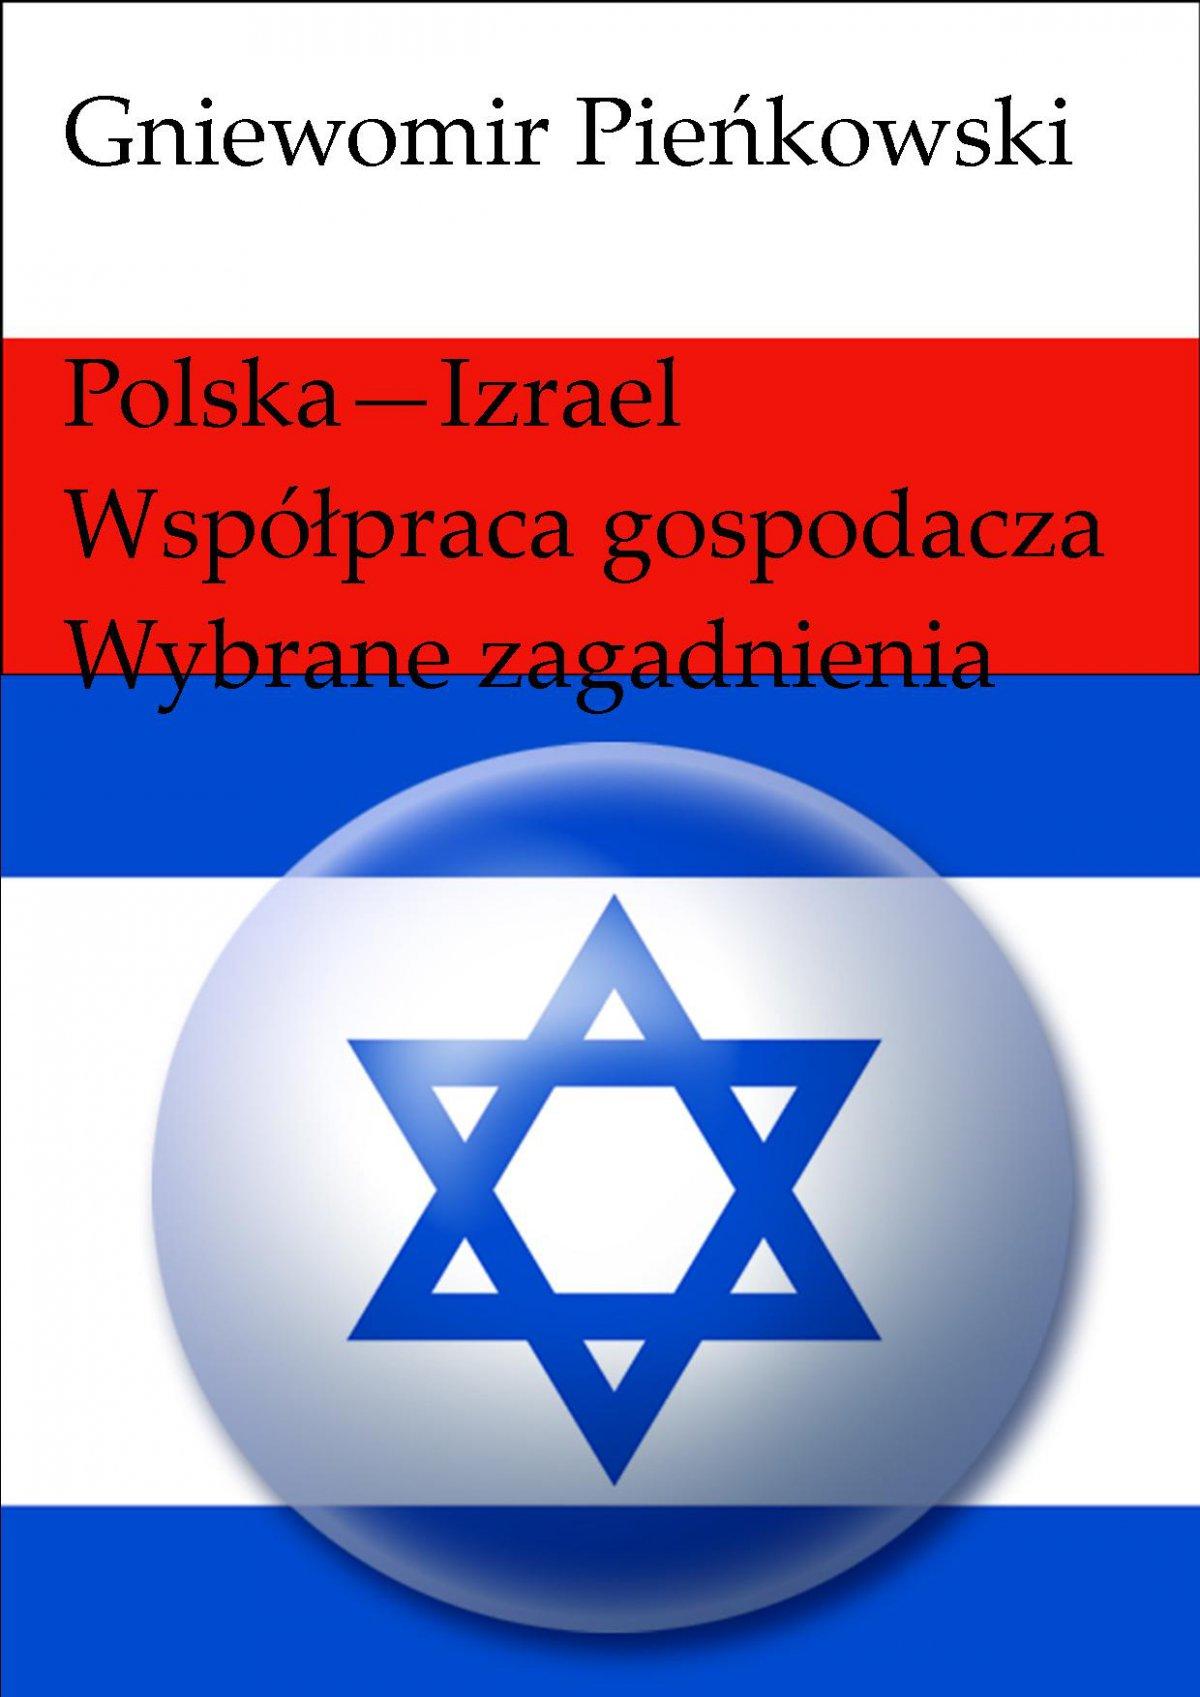 Polska - Izrael. Współpraca gospodarcza - wybrane zagadnienia. Wydanie drugie. - Ebook (Książka PDF) do pobrania w formacie PDF